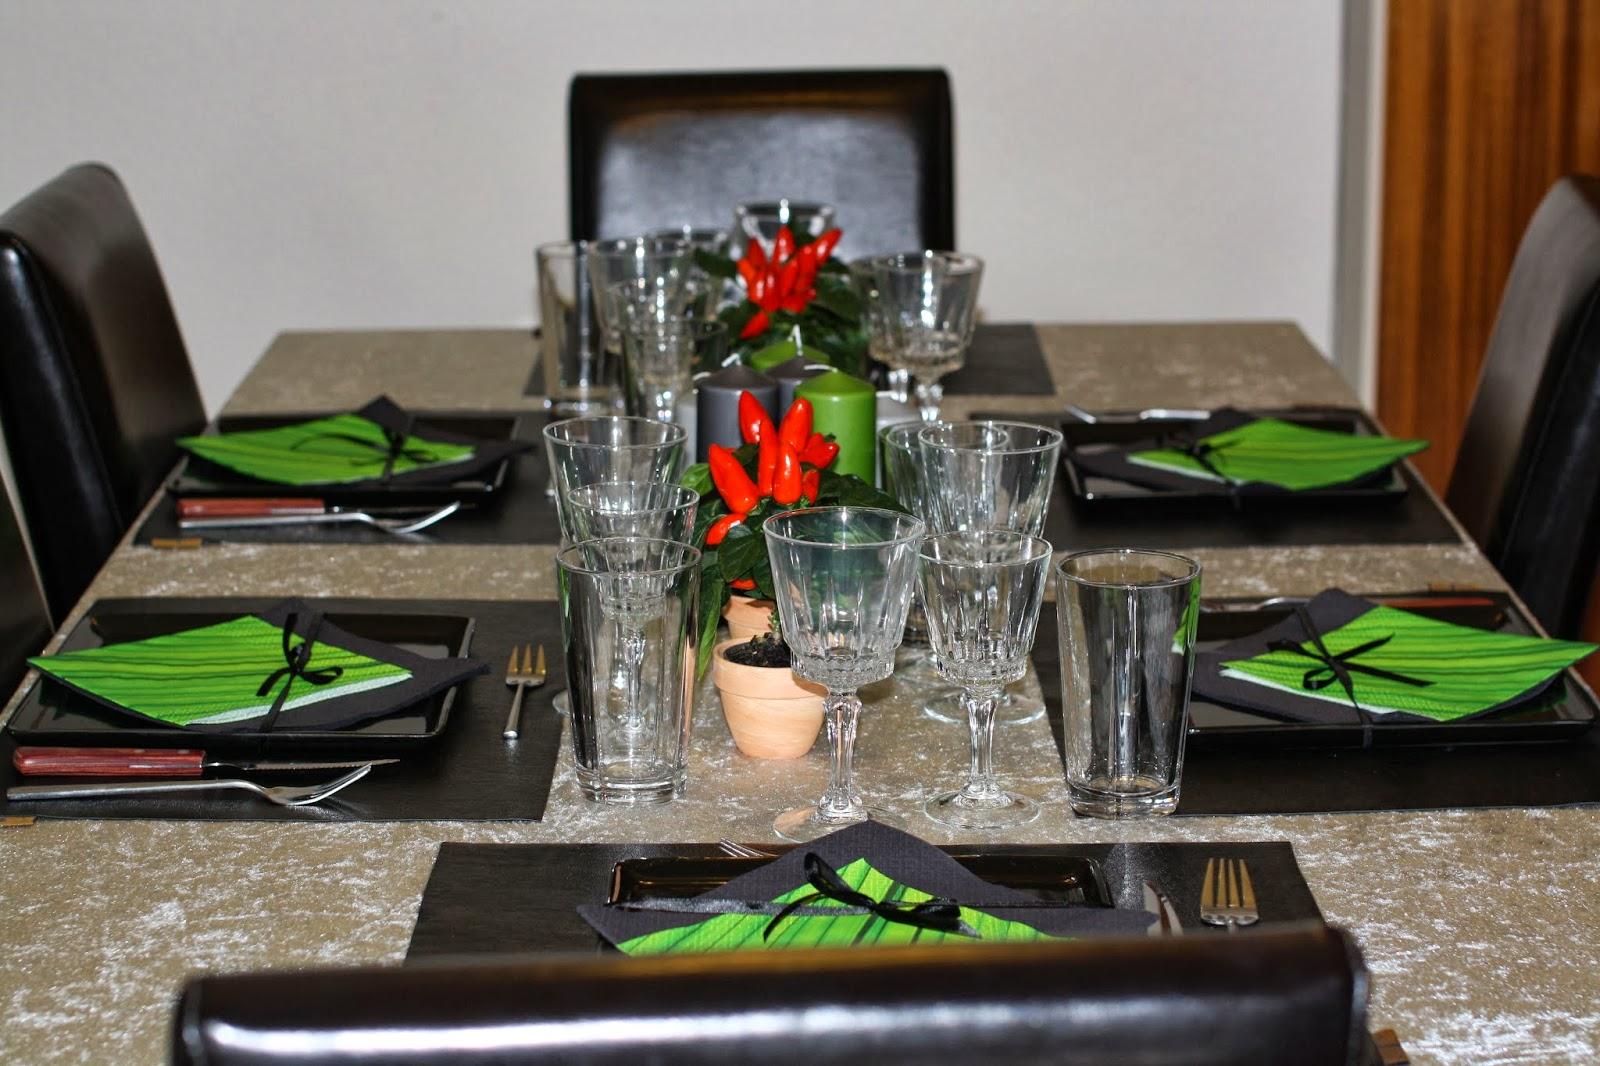 Berdin's køkken: dekoration idé   borddækning !